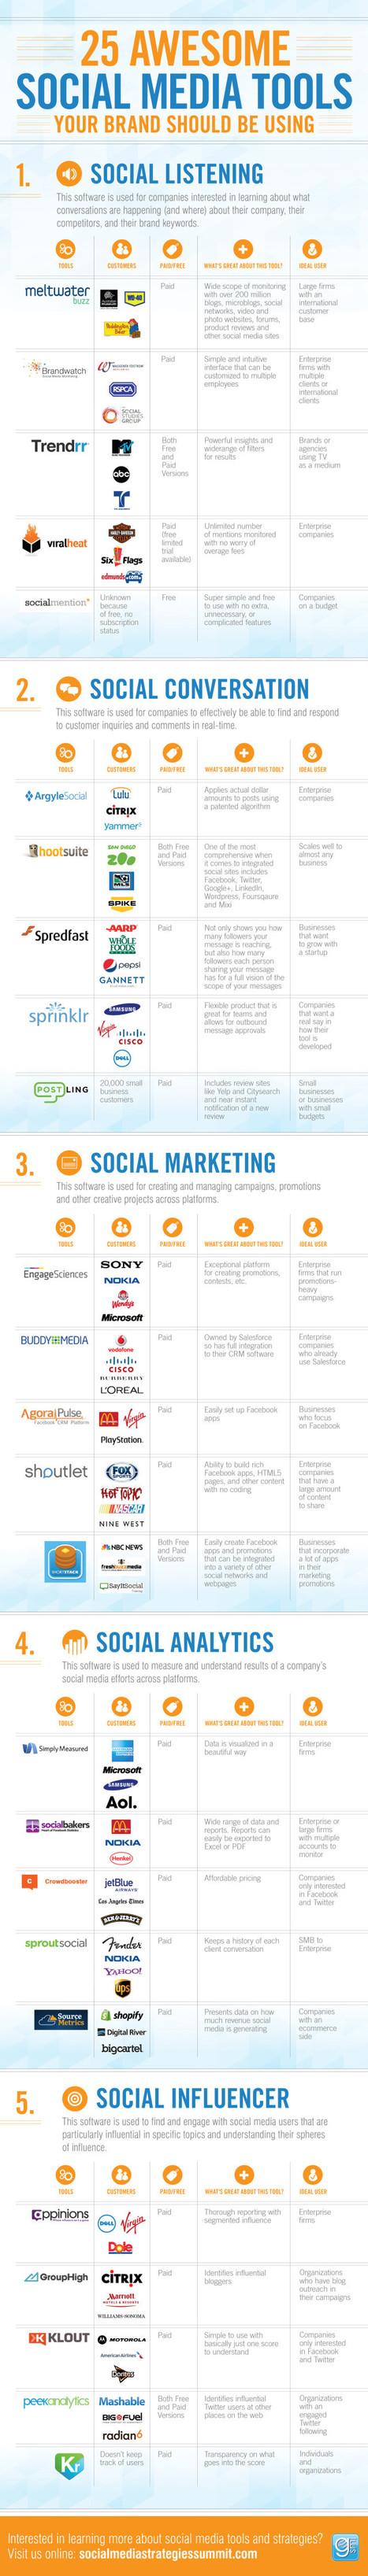 [infographie] 25 outils de Social Media décorti...   SEO Webmarketing   Scoop.it